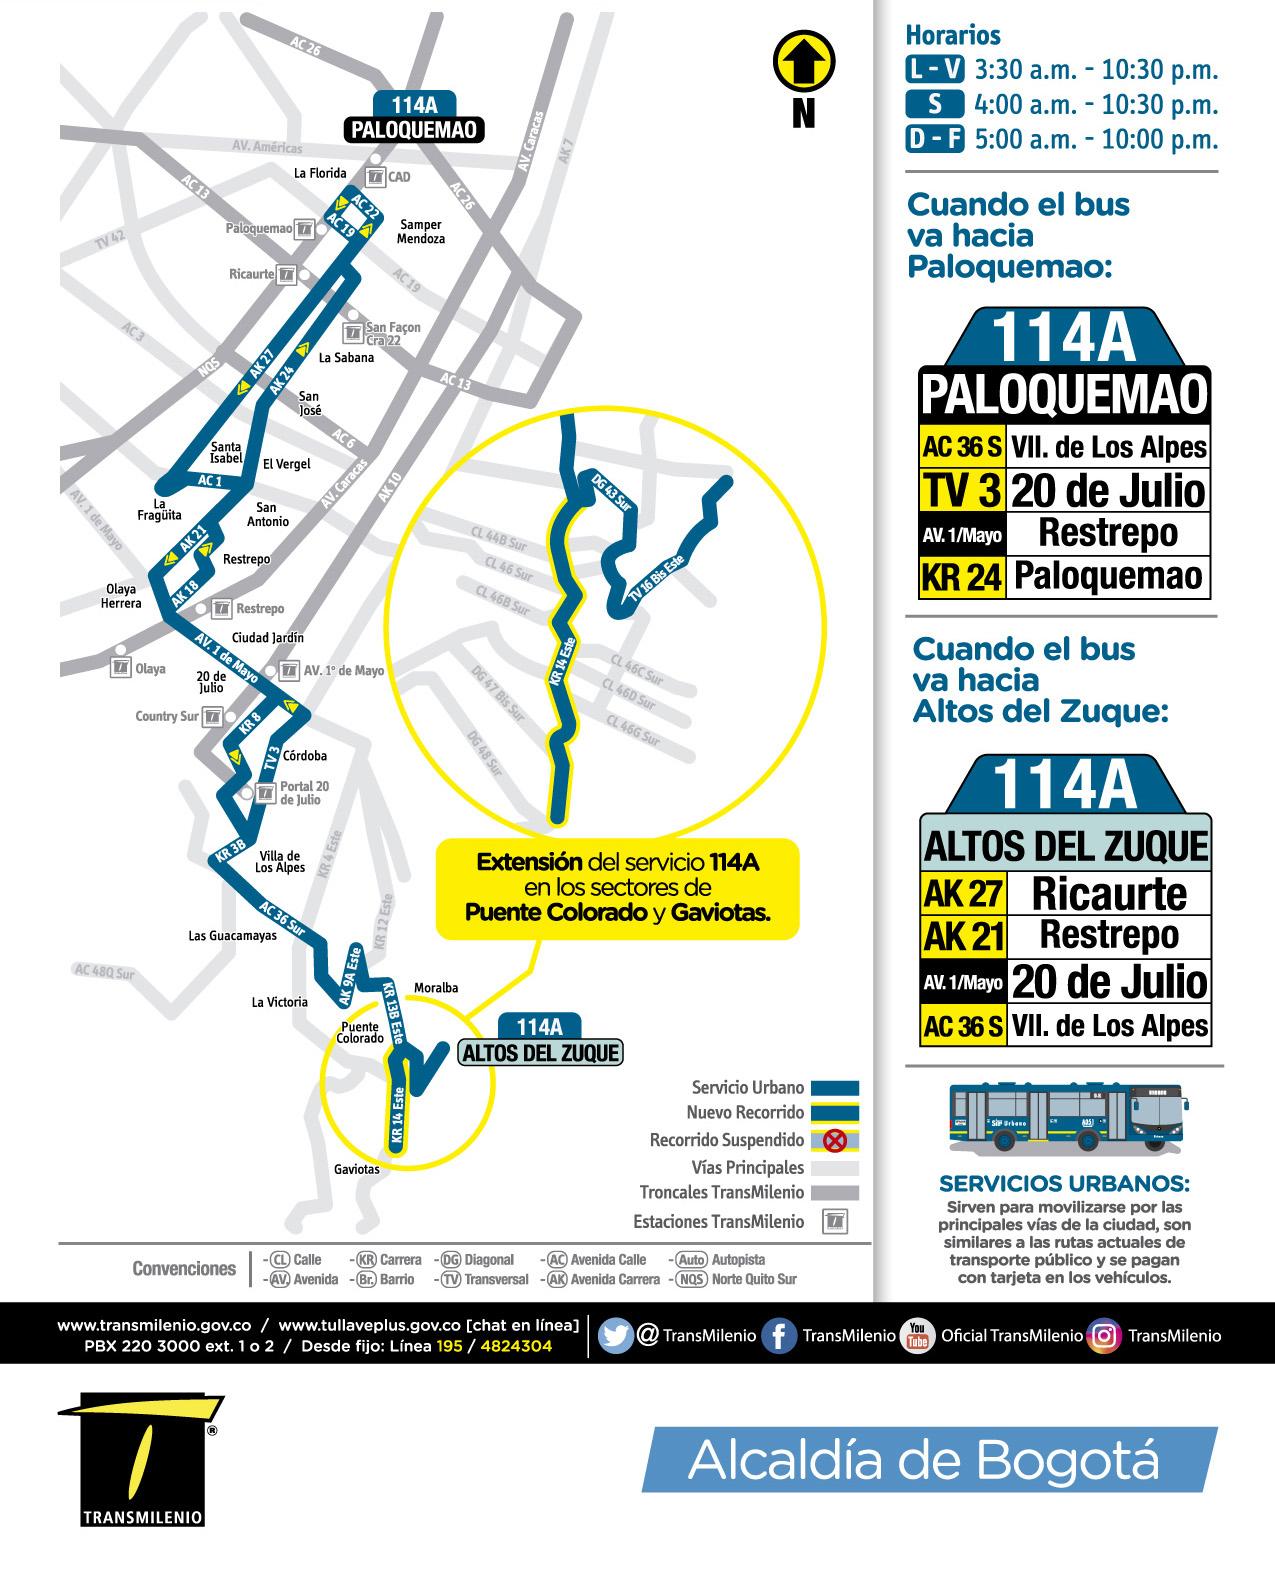 información de la extensión de la ruta 114A